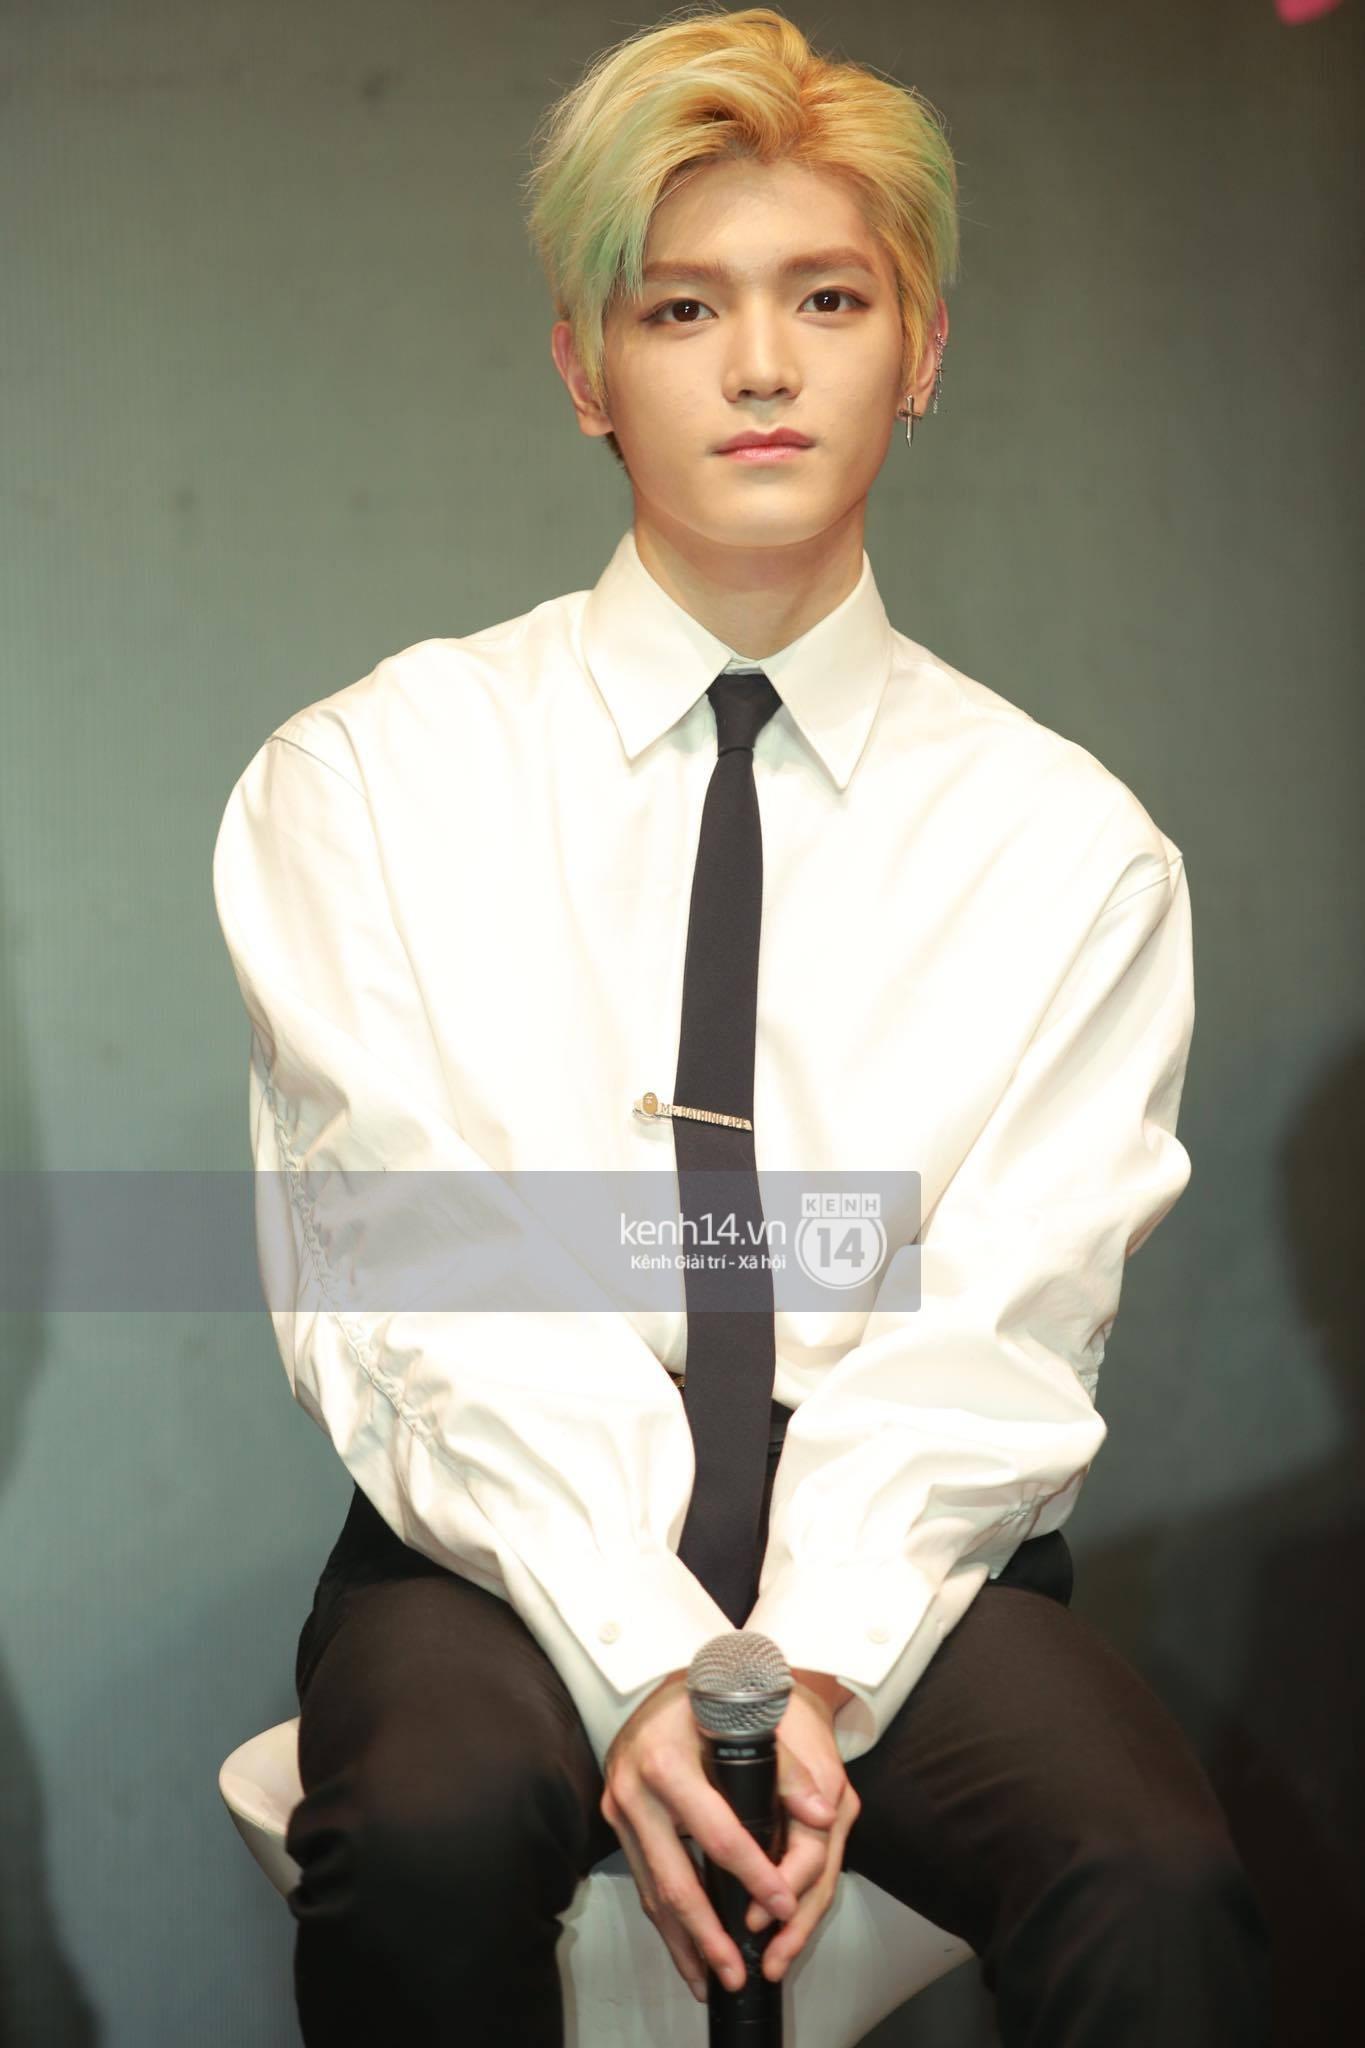 Mỹ nam Taeyong tiết lộ muốn ở lại Việt Nam, NCT 127 đồng loạt tỏ tình Anh yêu em với fan tại họp báo ở Hà Nội - Ảnh 26.